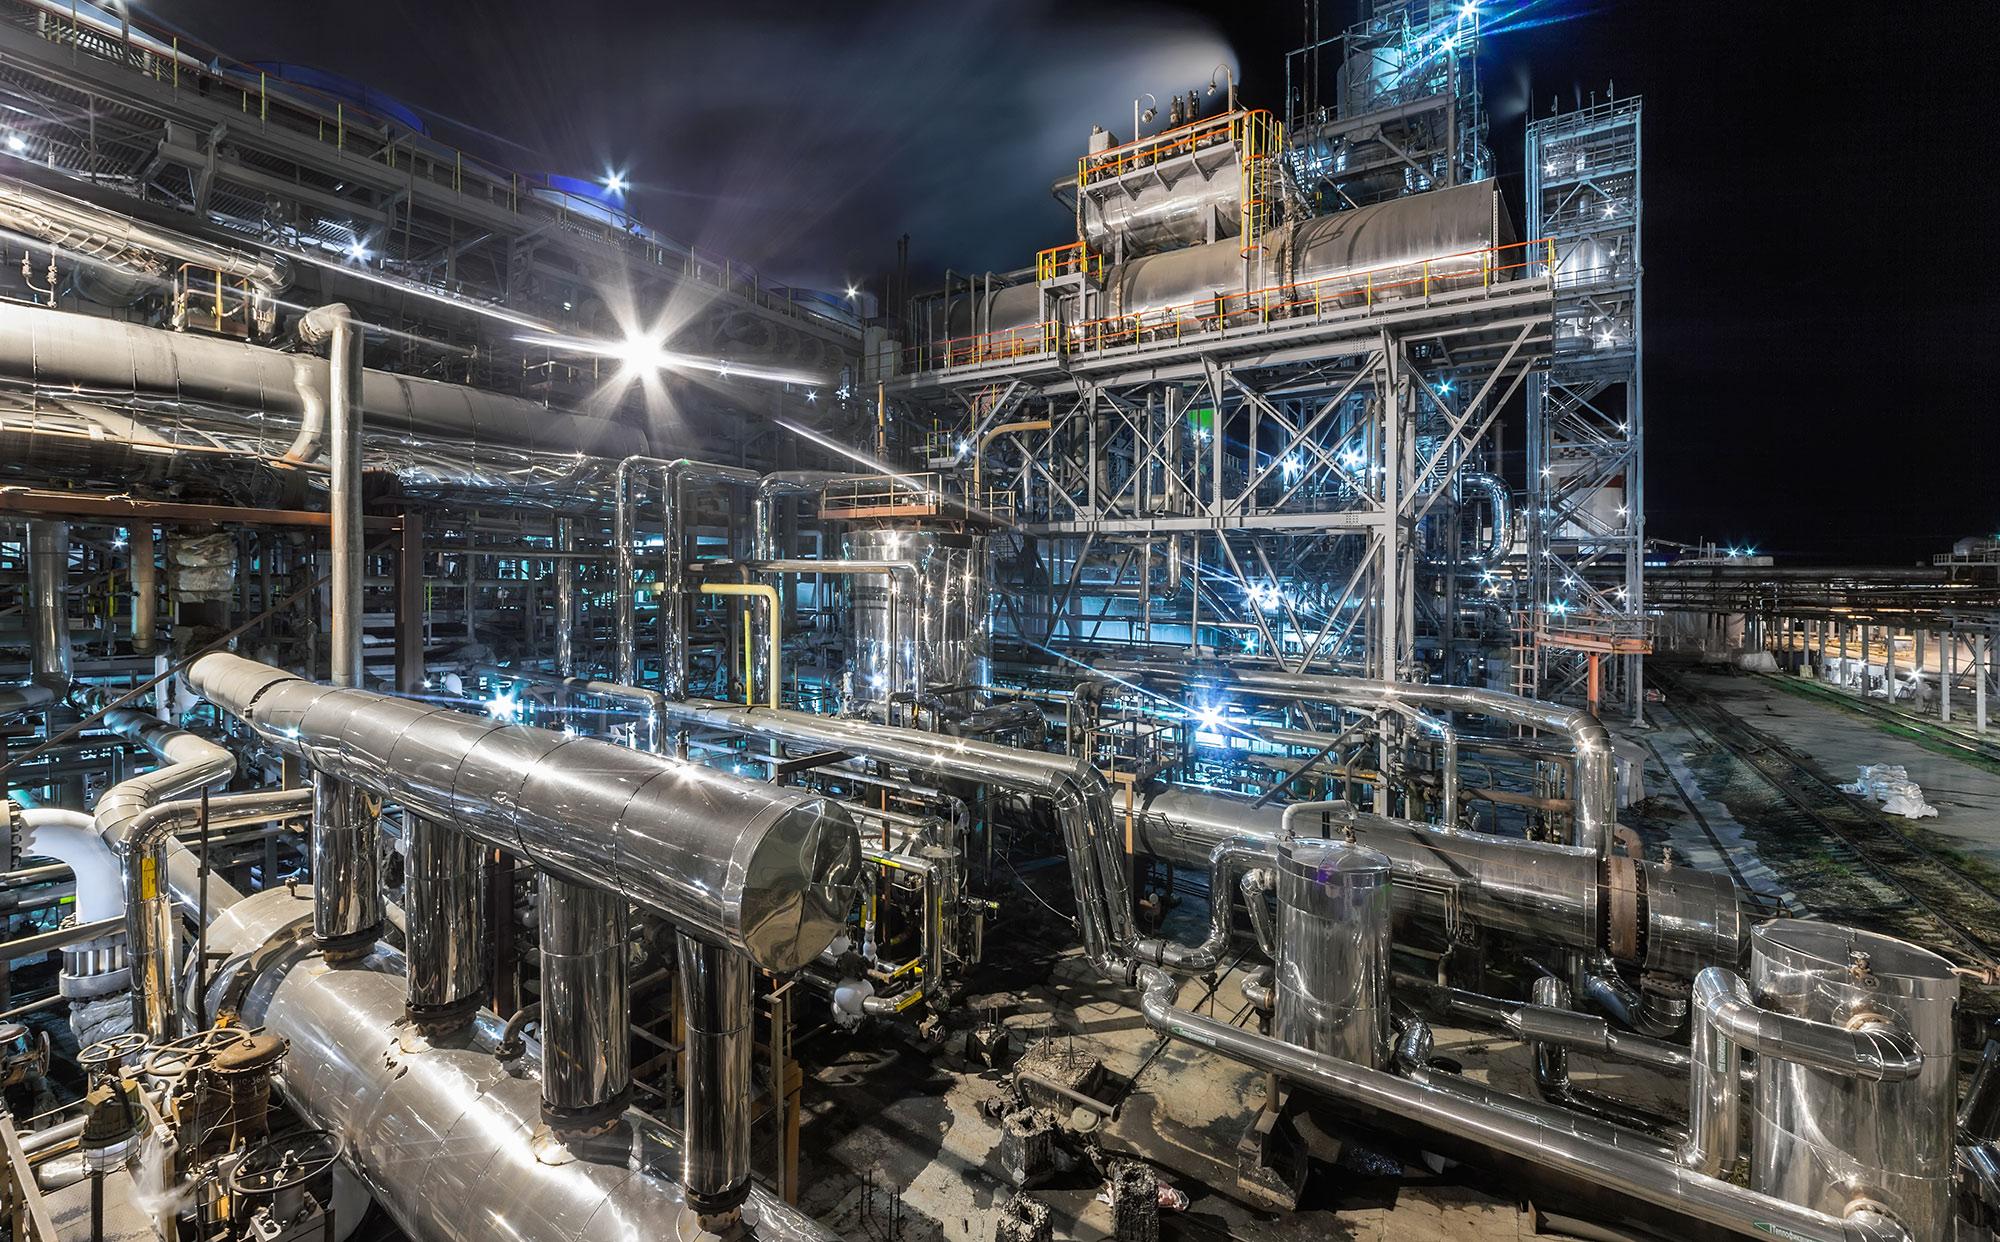 Wonderfil Impianti Industriali